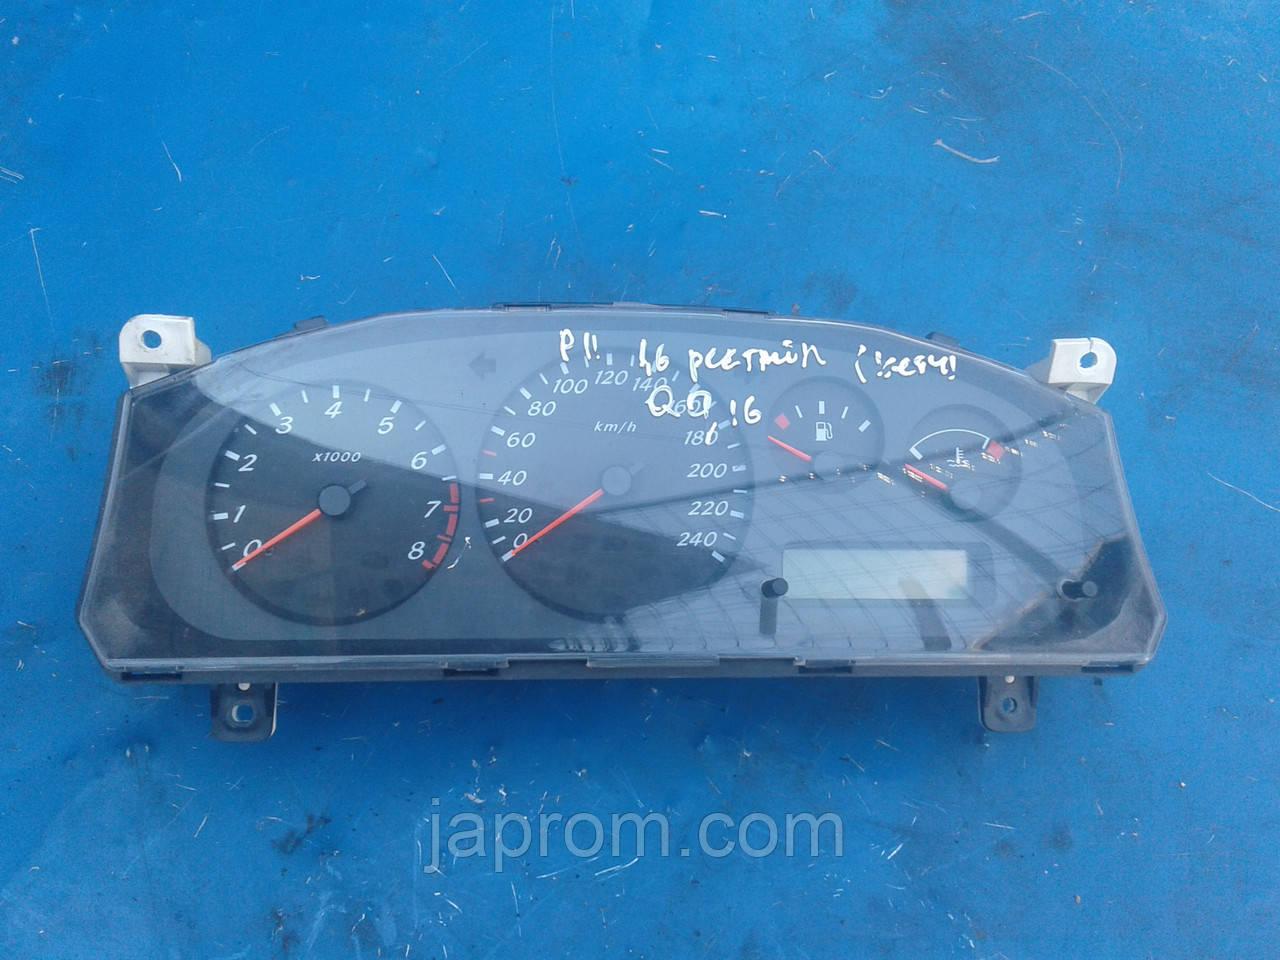 Панель щиток приборов Nissan Primera P11 2000-2001г.в 1.6 QG16 бензин рестайл BE810